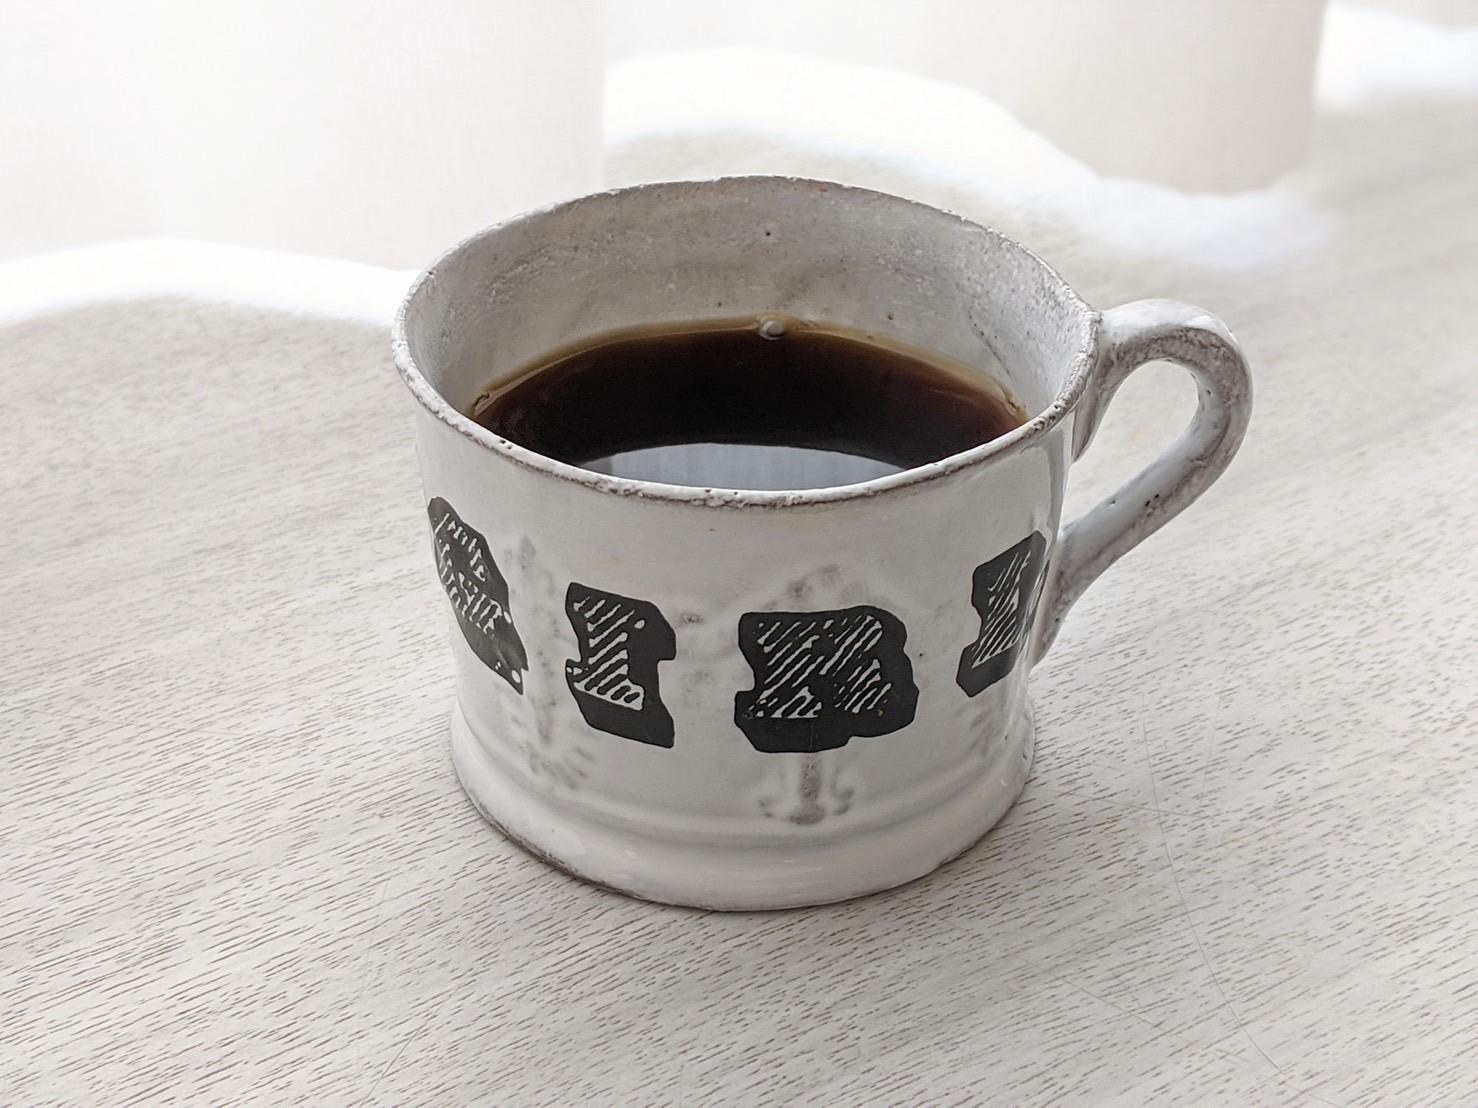 【コーヒー】暖かい飲み物は空腹を満たしてくれます。私はコーヒーを1日何杯も飲む程好きなので、デスクワークの日の欠かせないお供です。